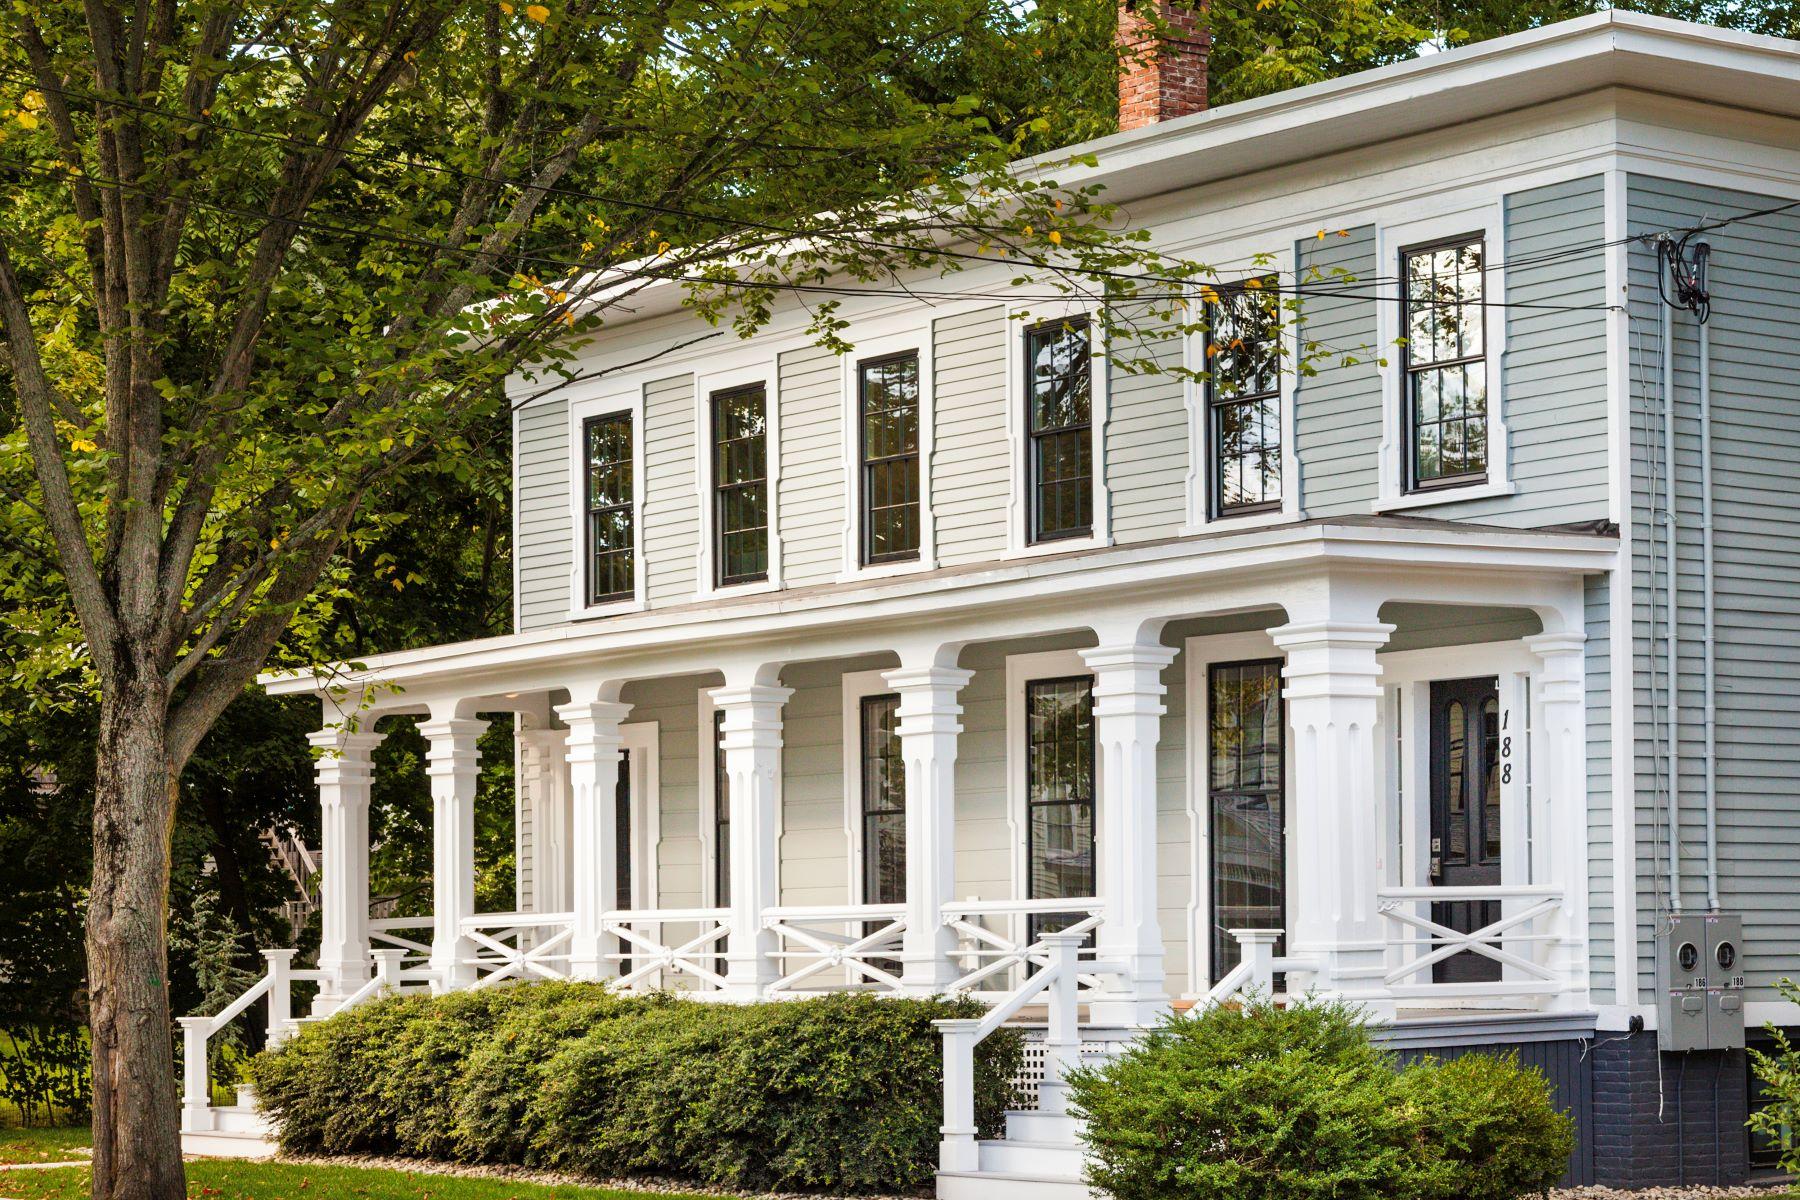 共管式独立产权公寓 为 销售 在 188 Whitfield Street 188 Whitfield Street 吉尔福德, 康涅狄格州 06437 美国